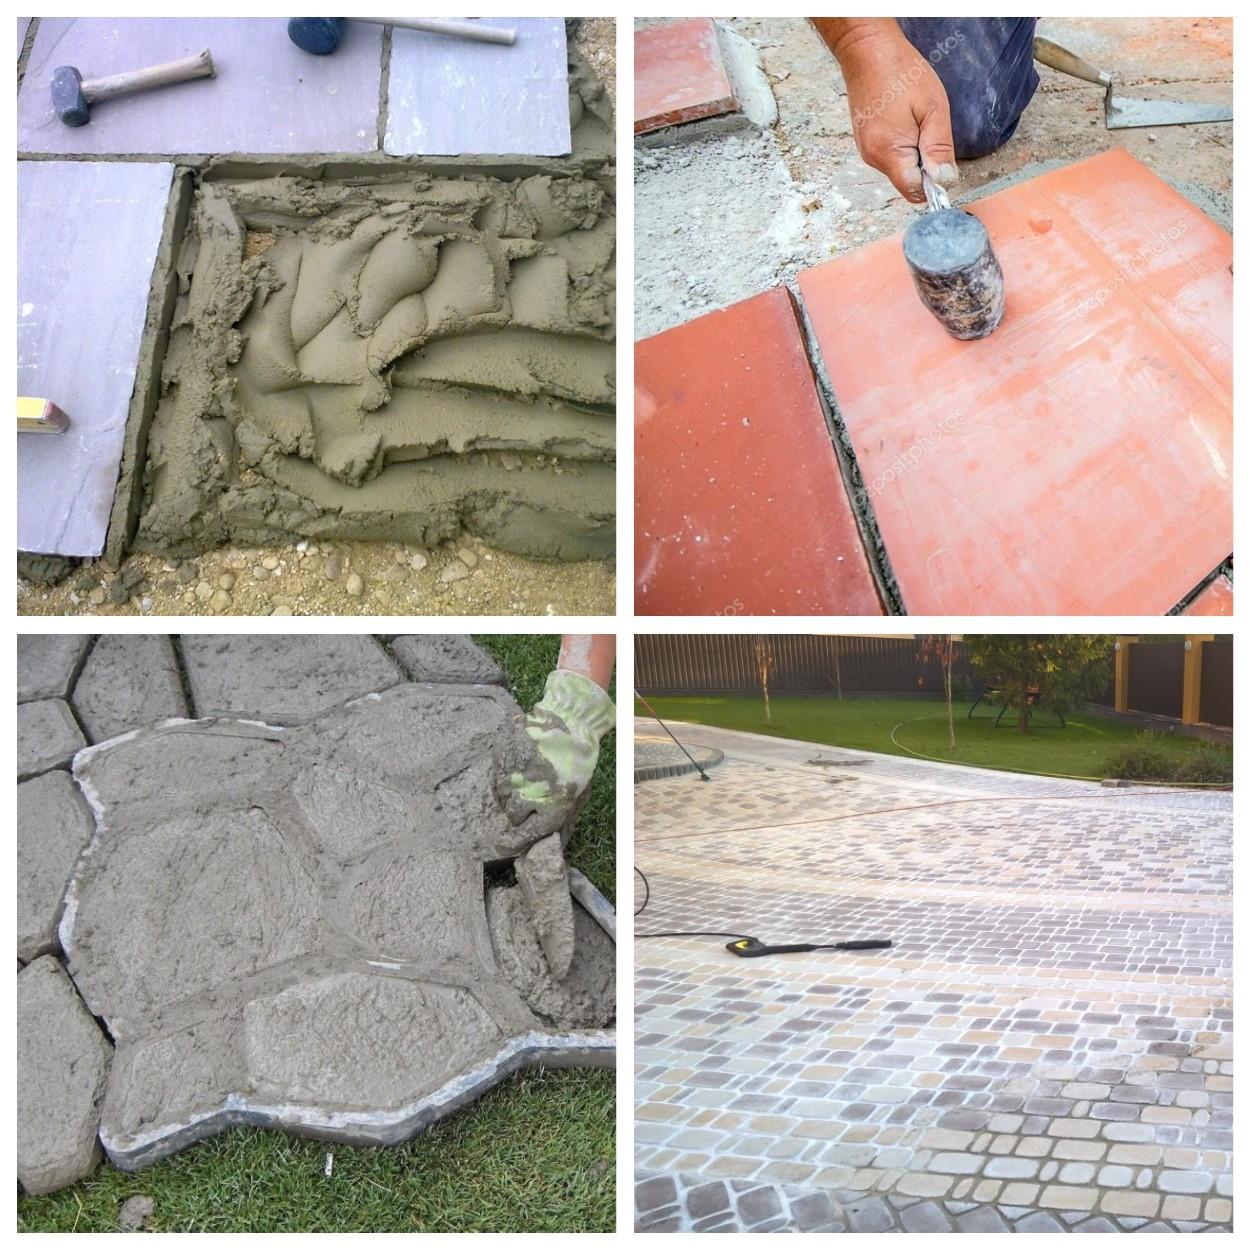 изображение цемента на тротуарной плитке